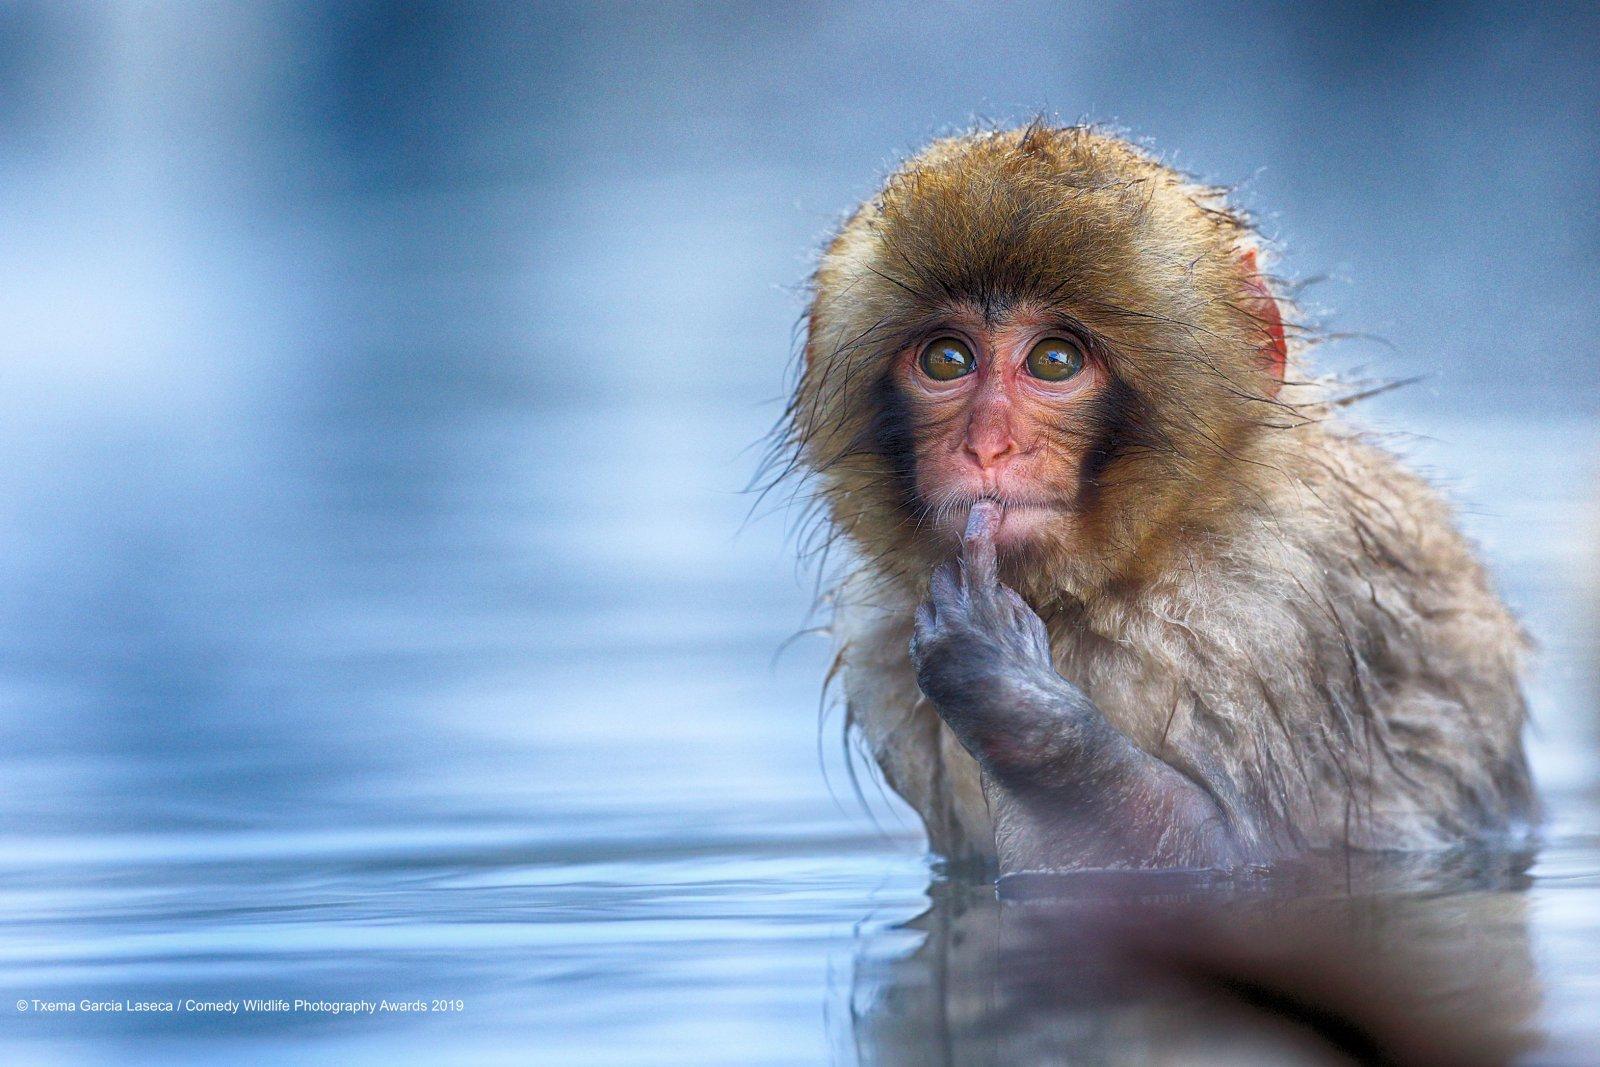 Самые смешные фото дикой природы названы 40 финалистов конкурса, 2017